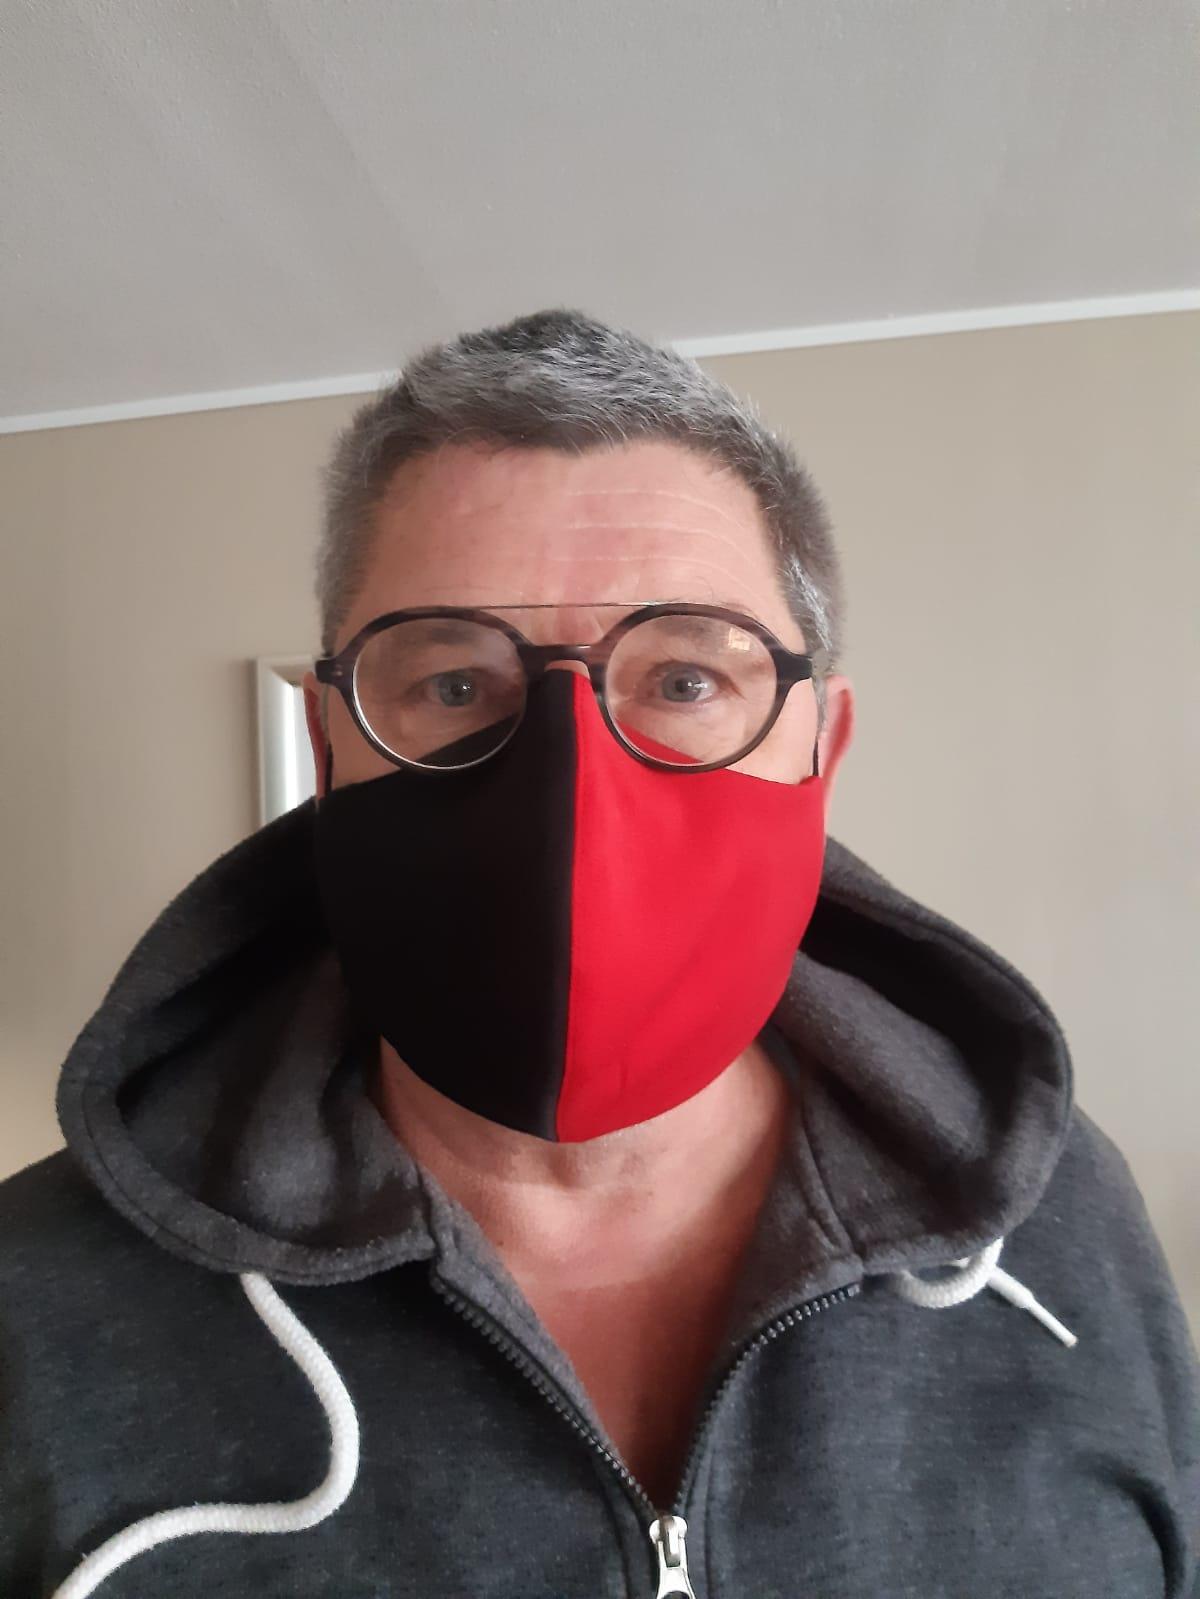 Wil jij ook een rood/zwart mondkapje?